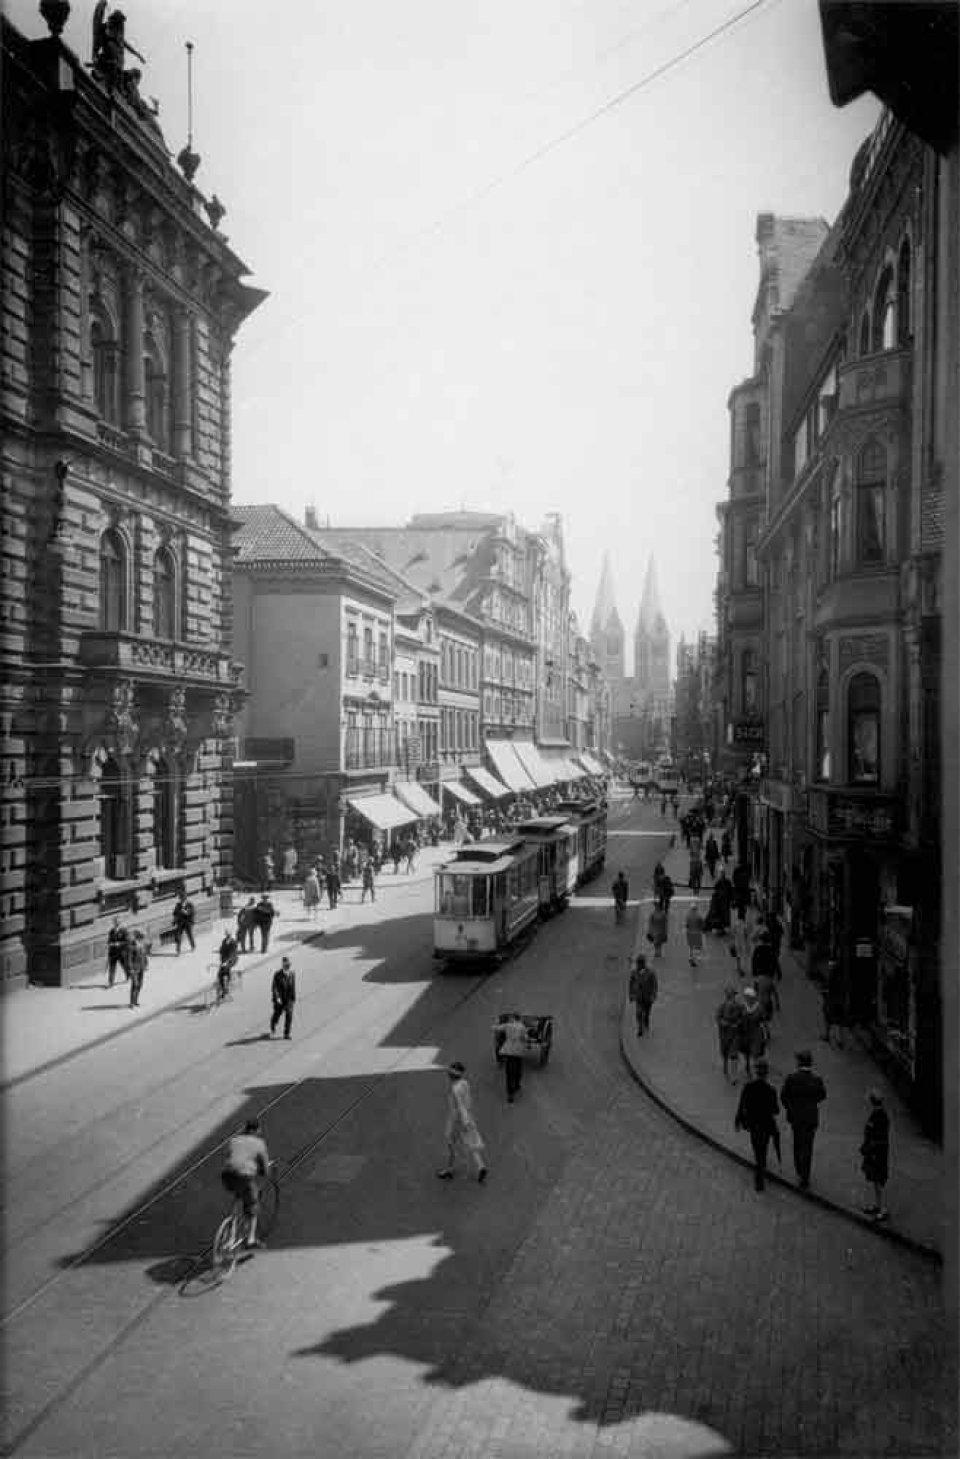 Eine schwarzweiß- Aufnahme zeigt eine Straße mit Menschen und einer Straßenbahn. Am Ende stehen zwei Türme eines Domes.